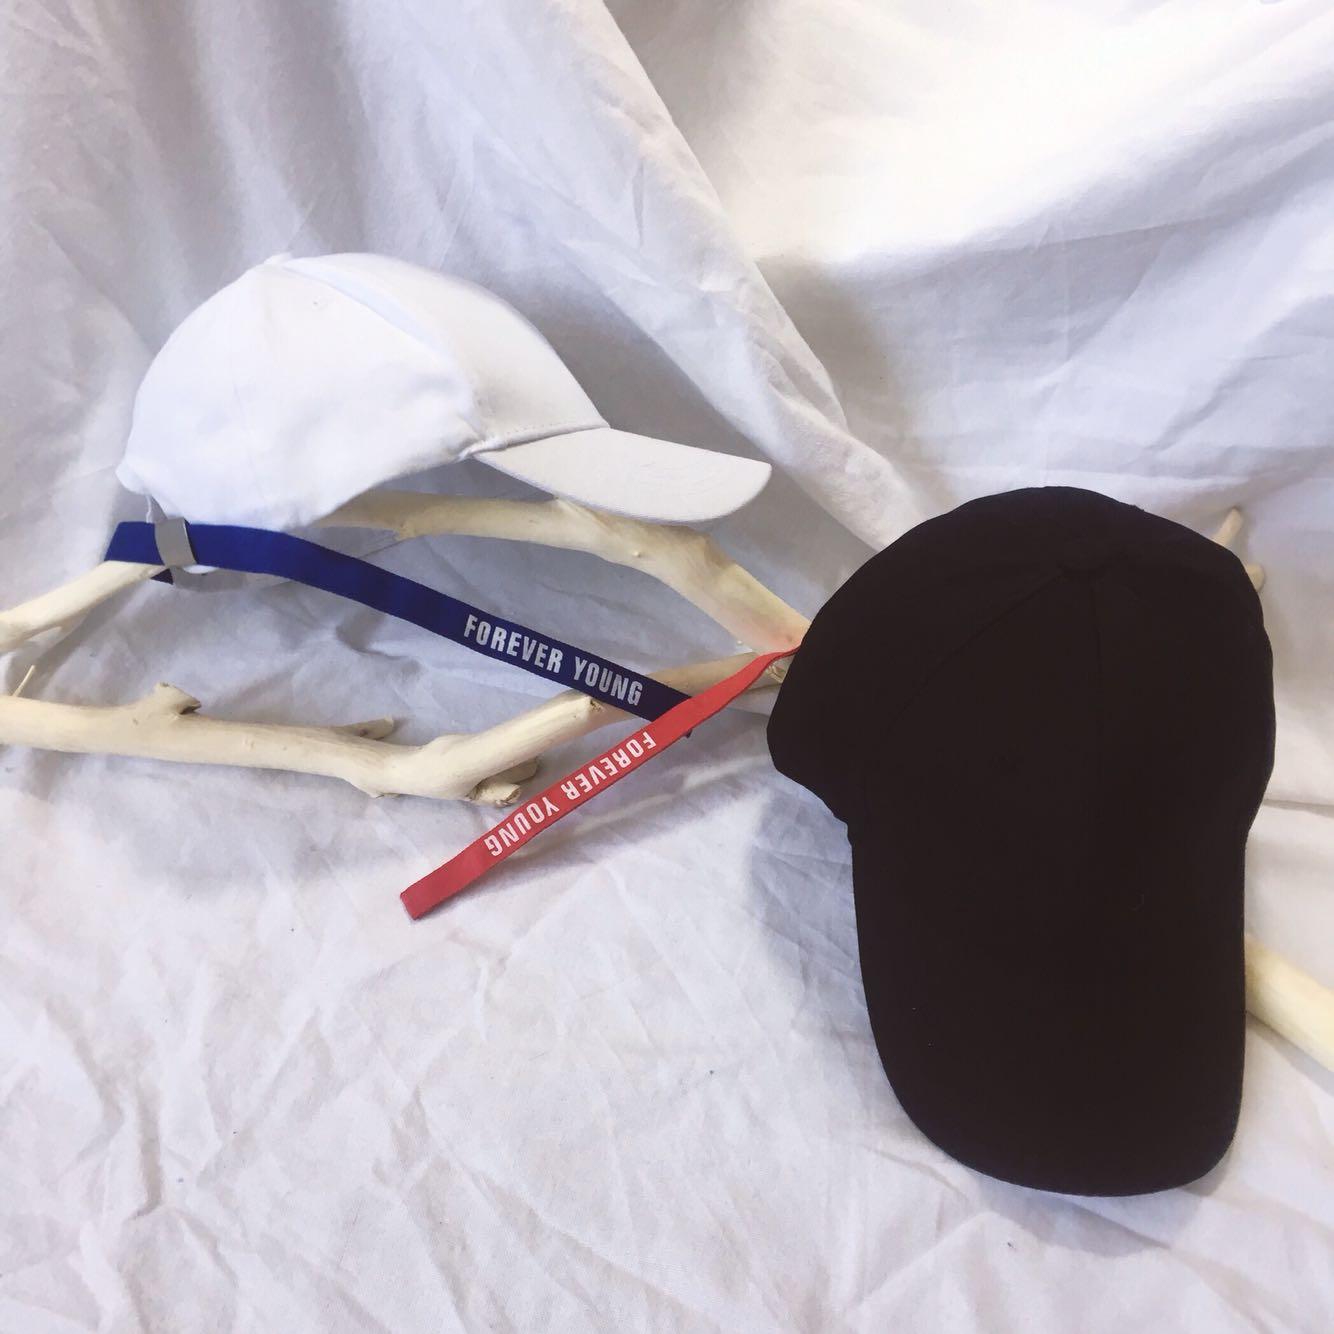 长帽带英文刺绣弯檐棒球帽黑白光板纯色鸭舌帽子男女情侣炫酷帽